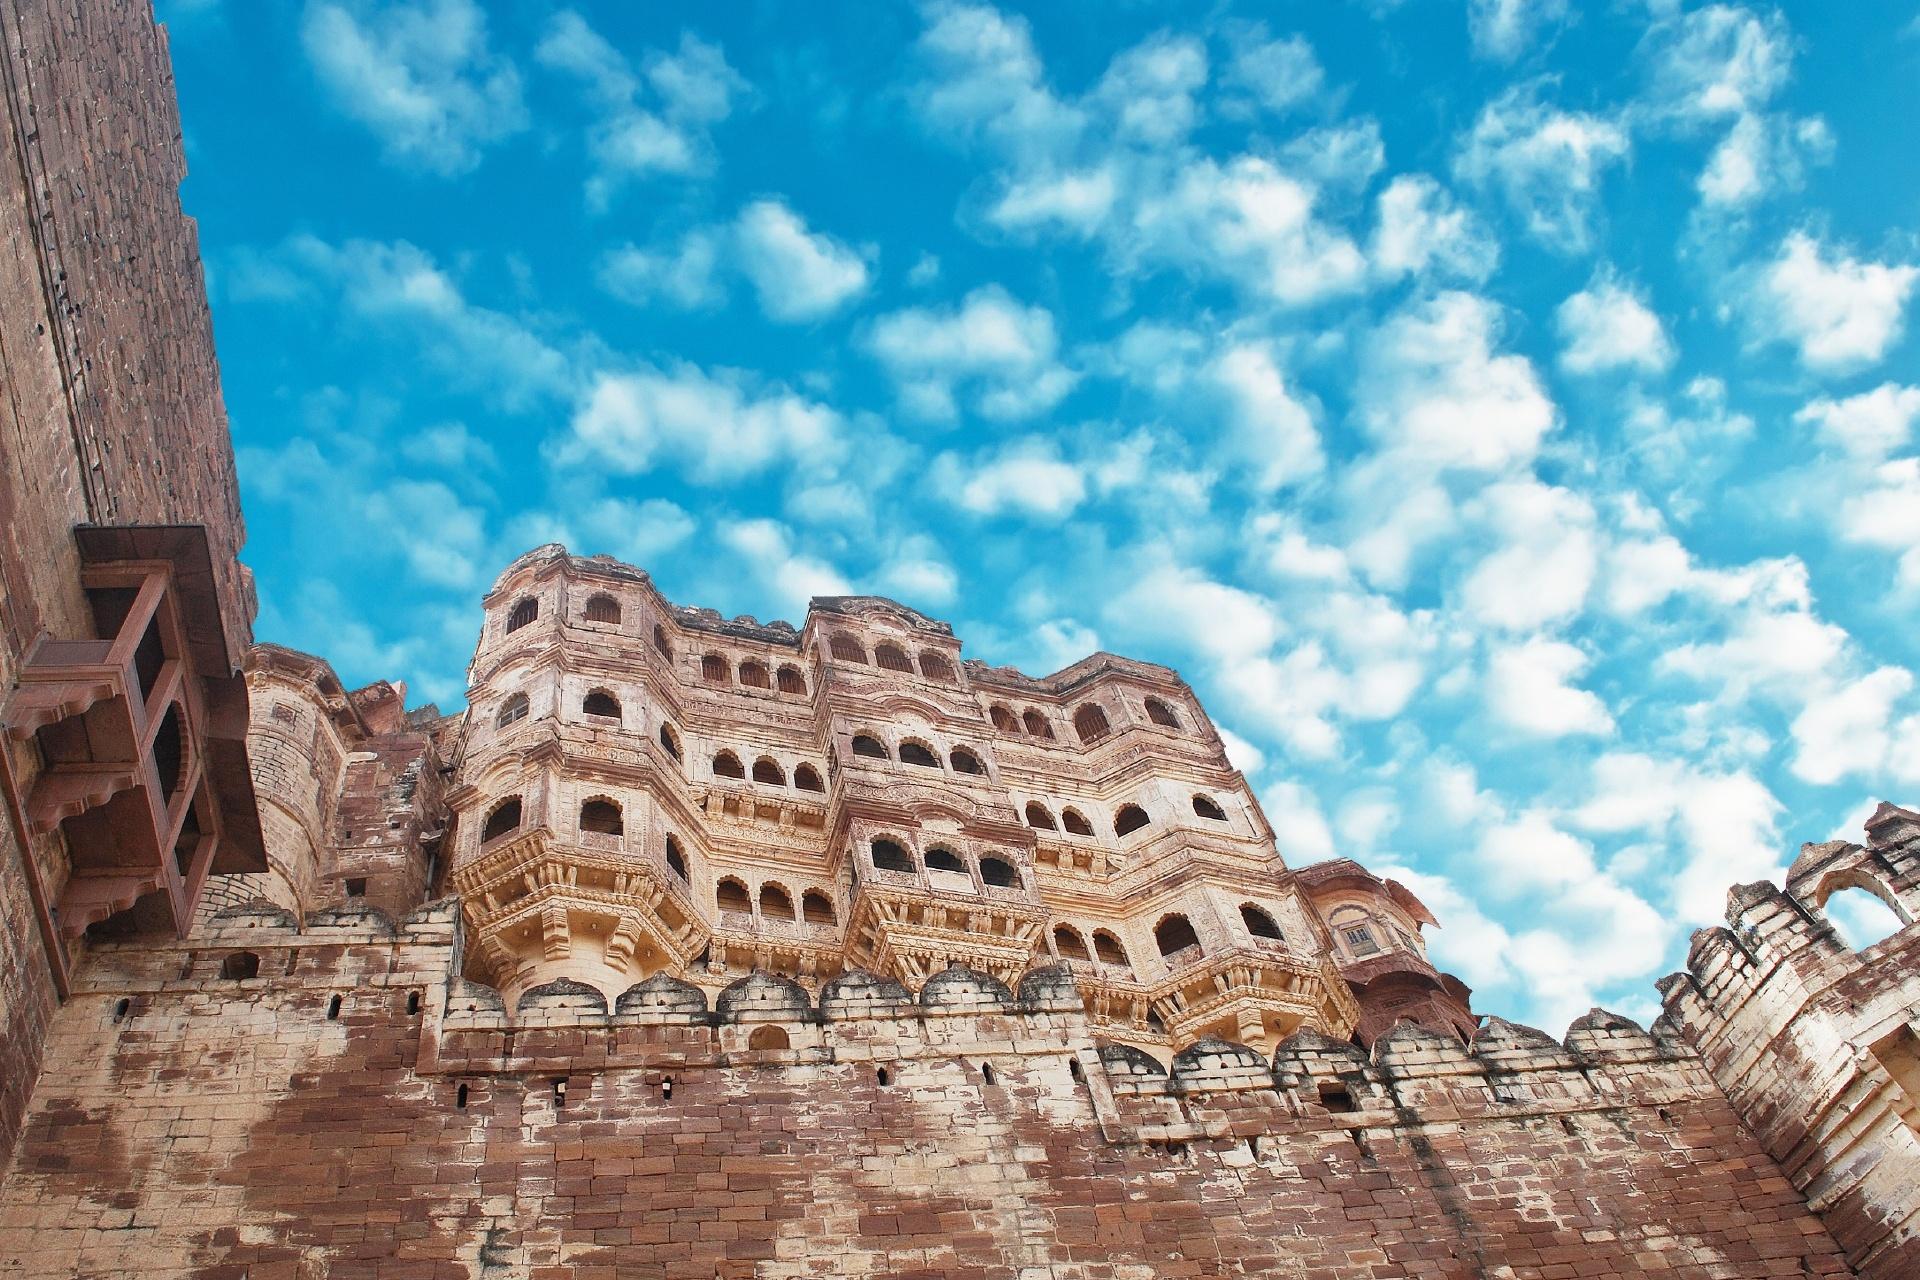 メヘランガール城塞の風景 インドの風景